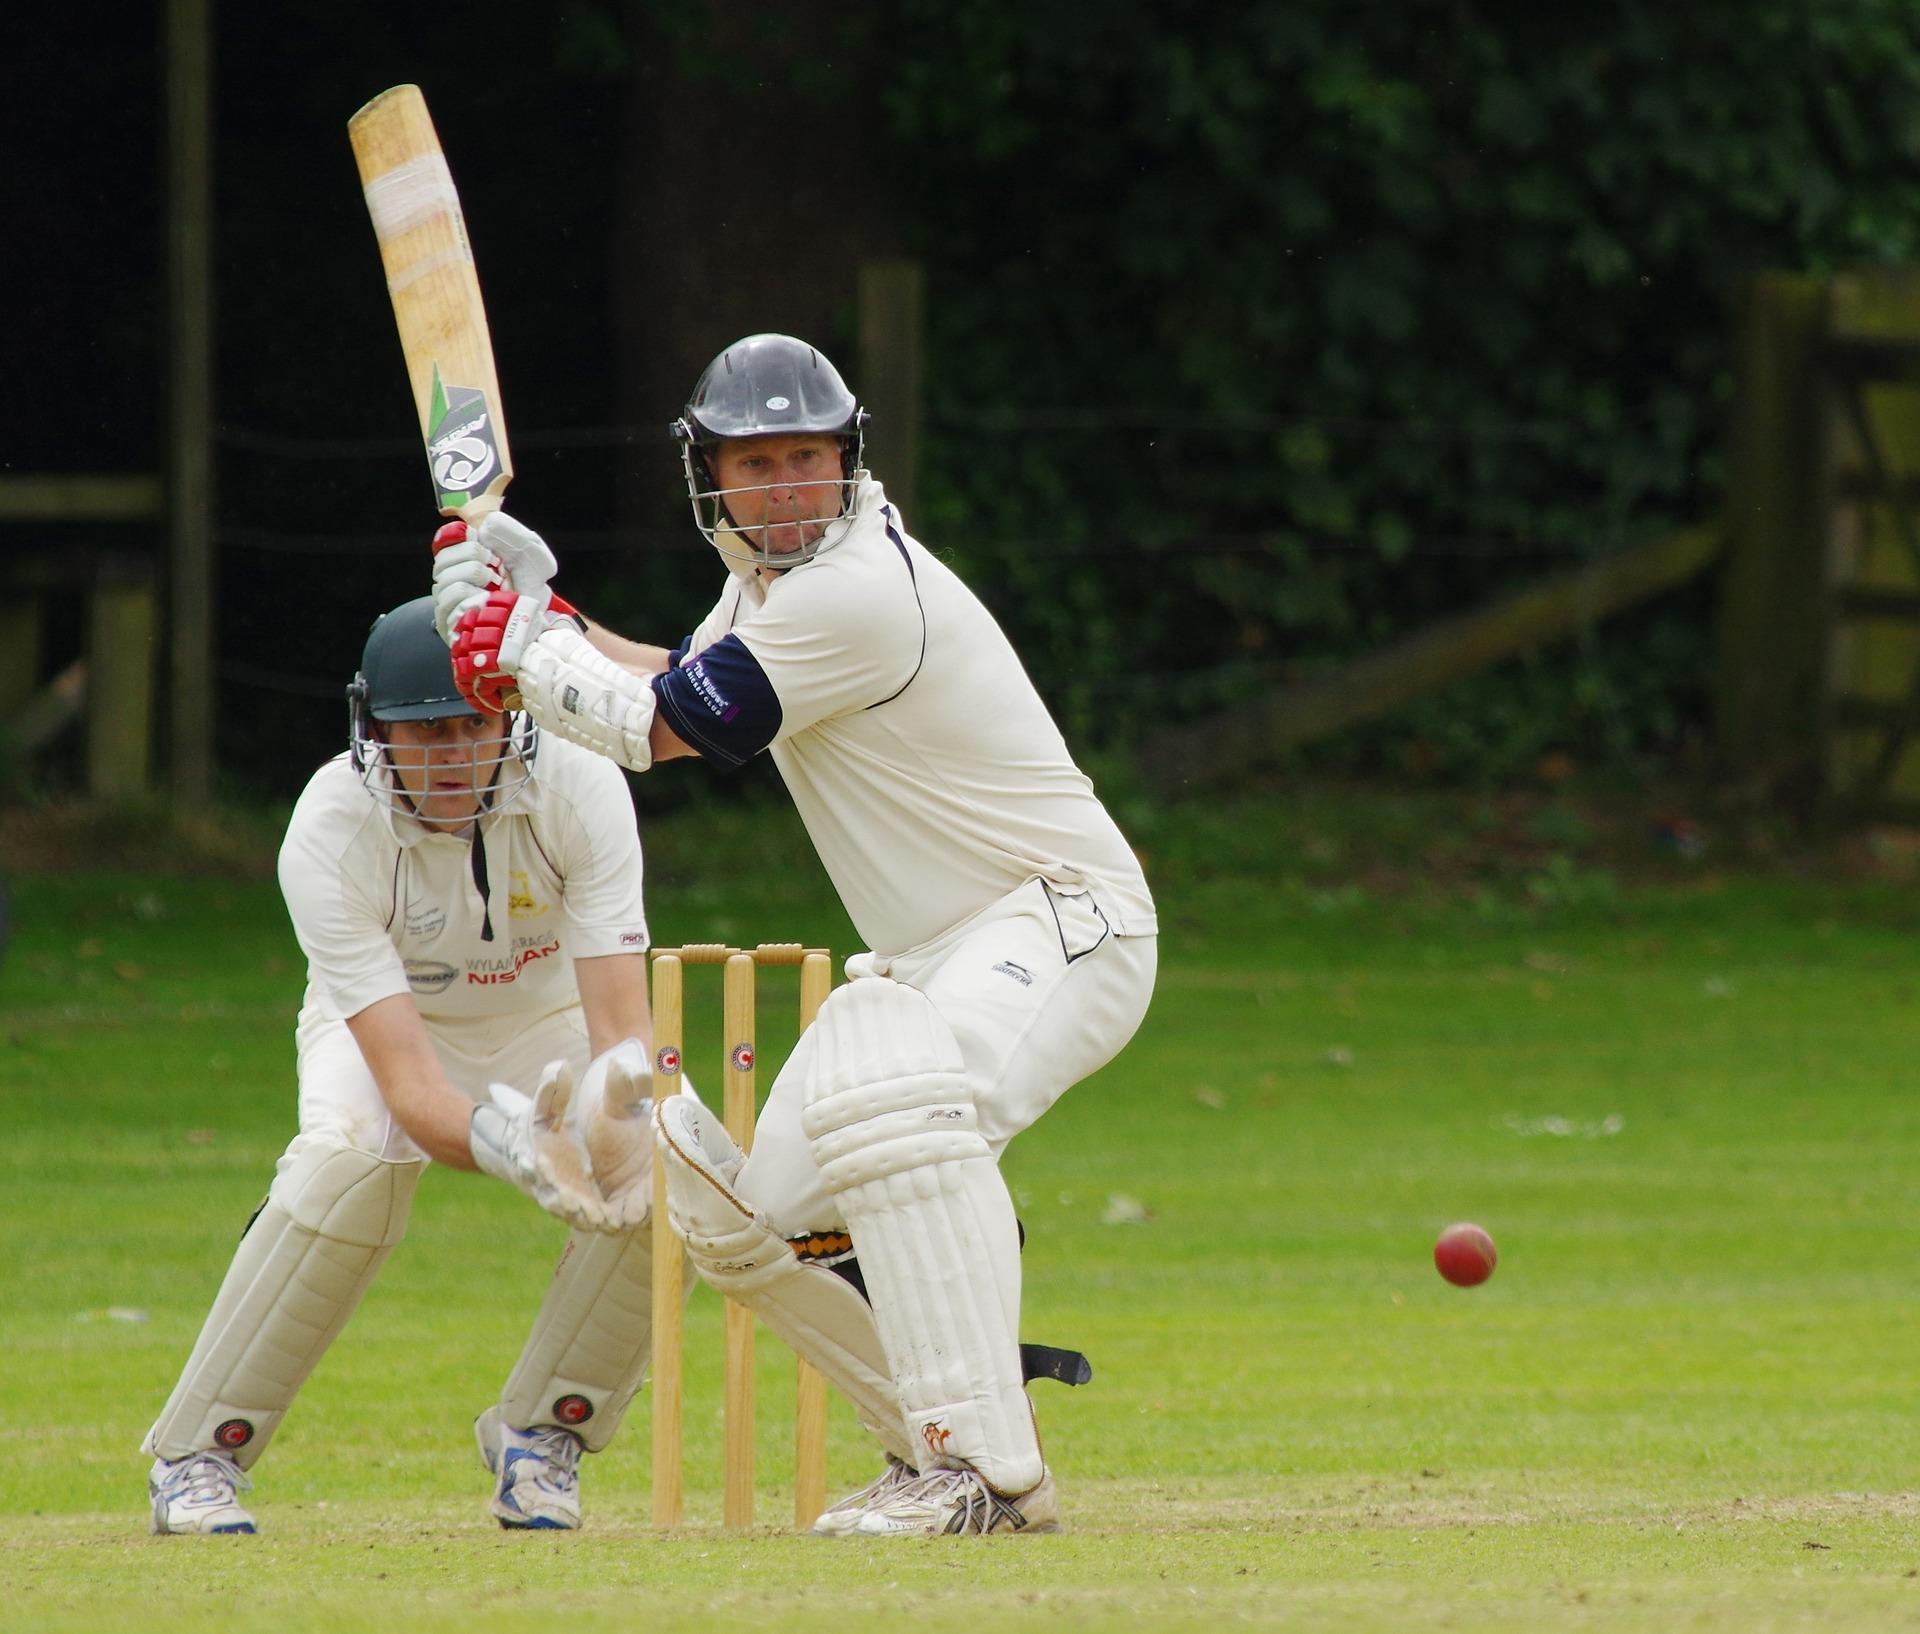 cricket-724617_1920.jpg